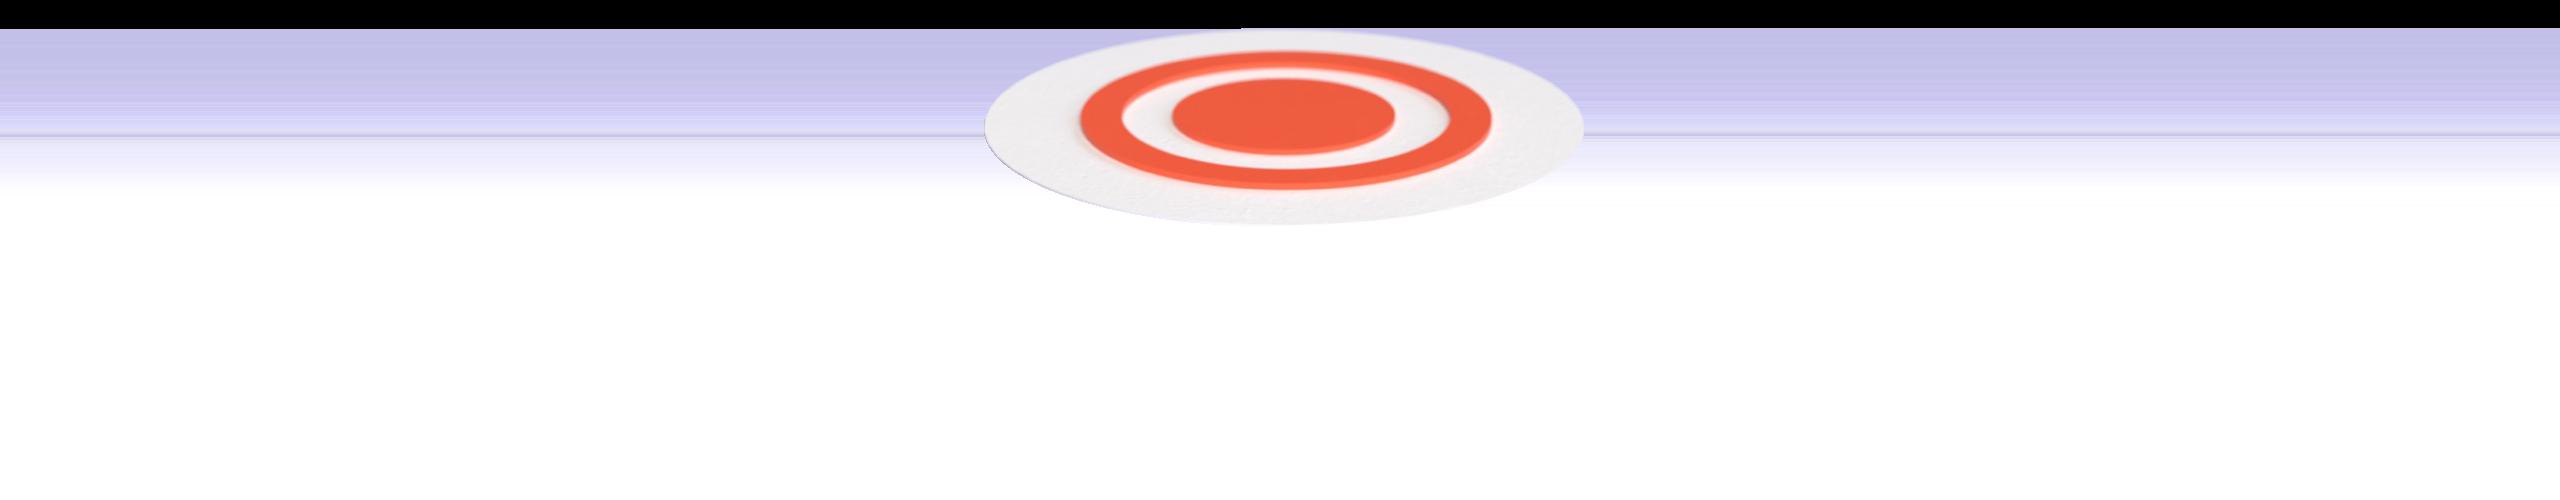 Big record button